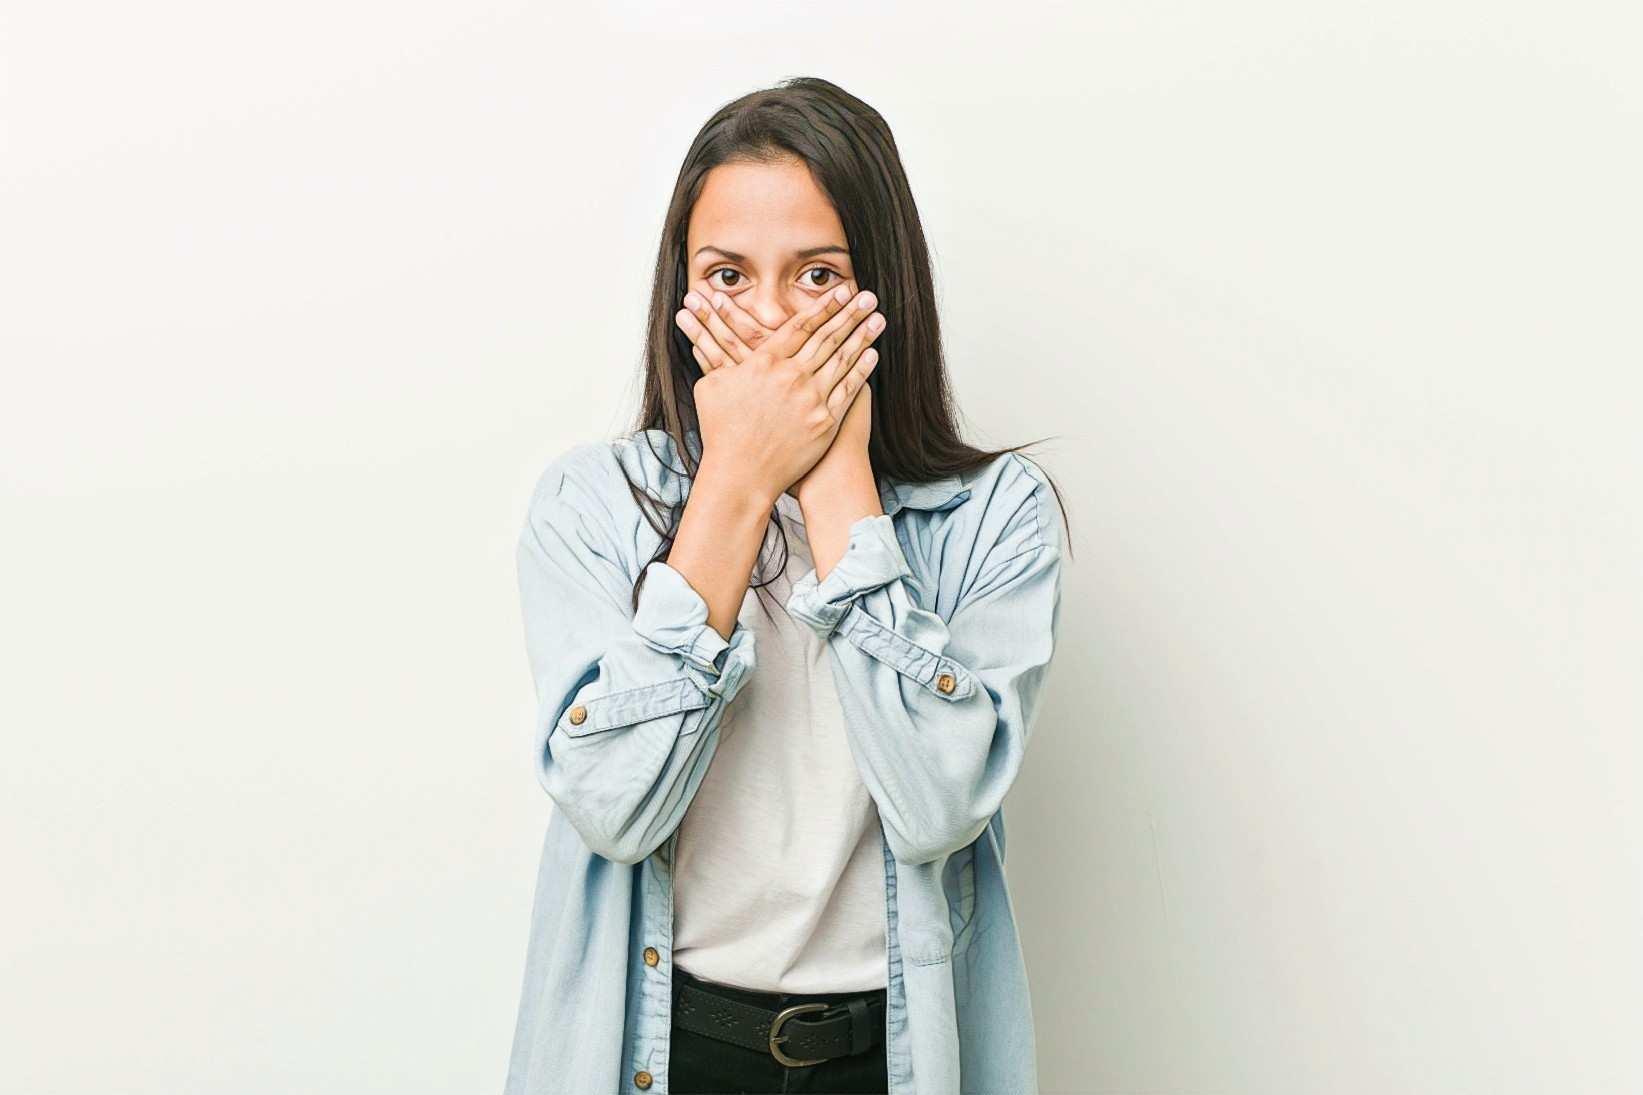 Что такое кистозное акне и как его лечить